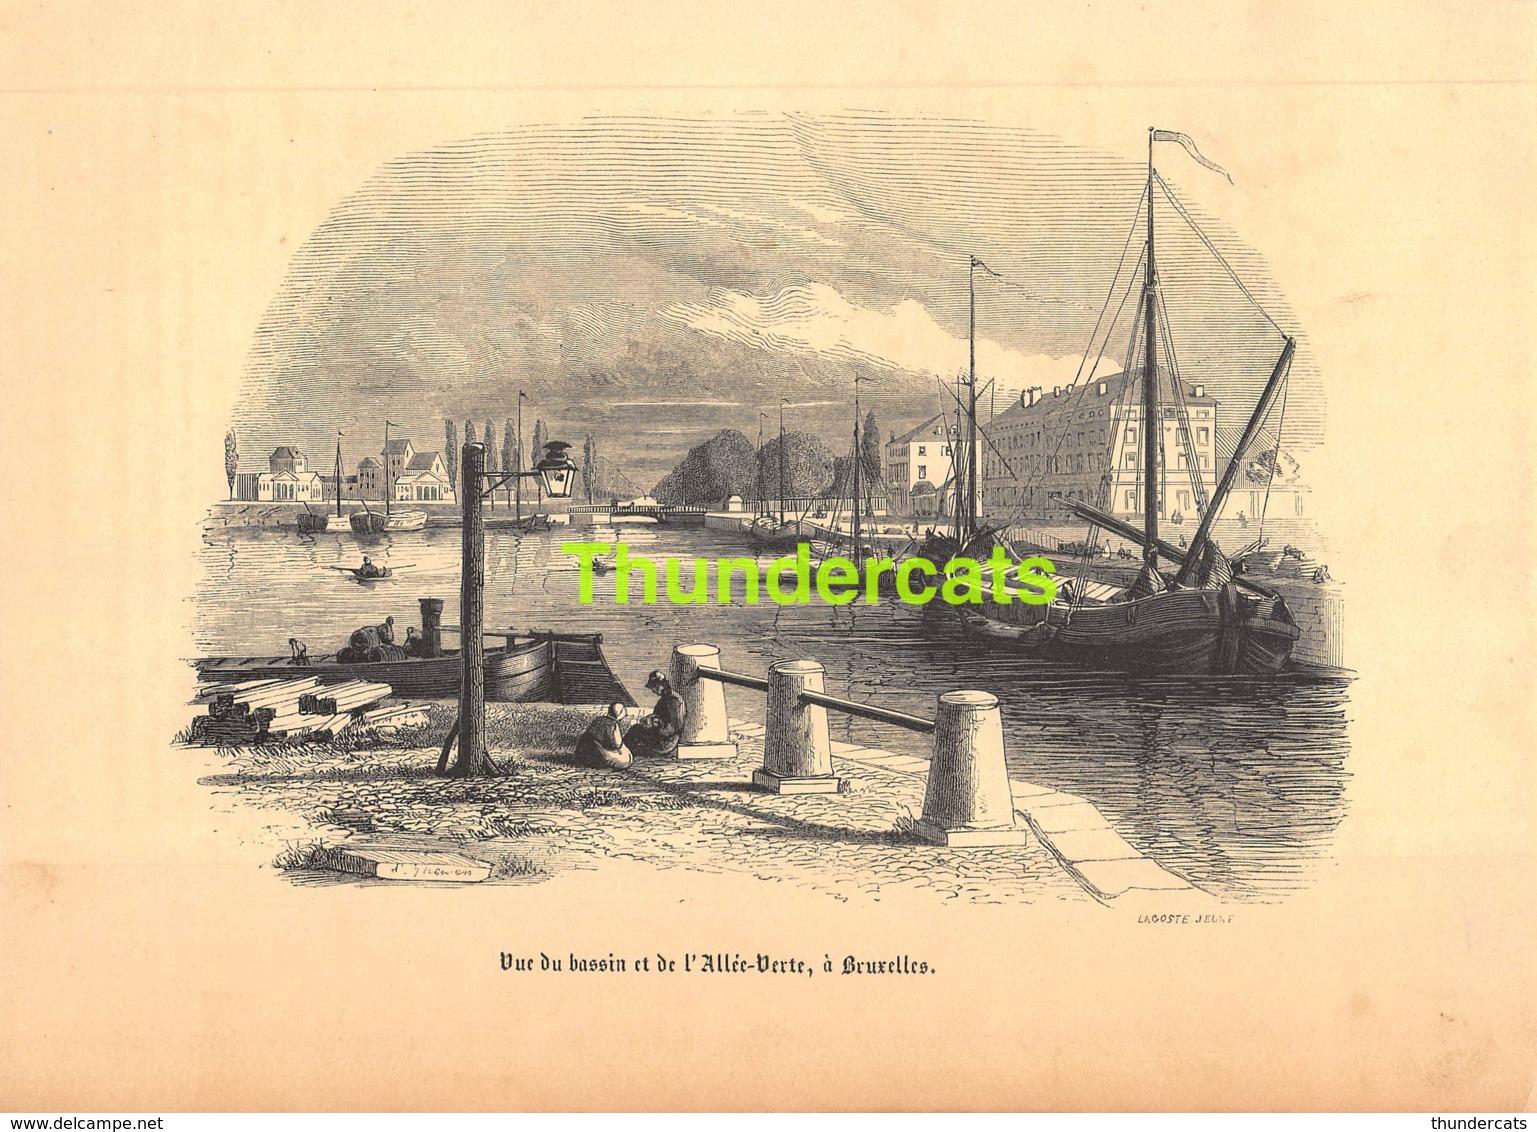 ANCIENNE COUPURE GRAVURE D'UN PUBLICATION DE 1844 OUD KNIPSEL UIT OUDE PUBLICATIE GHEMAR LACOSTE ALLEE VERTE BRUXELLES - Stampe & Incisioni